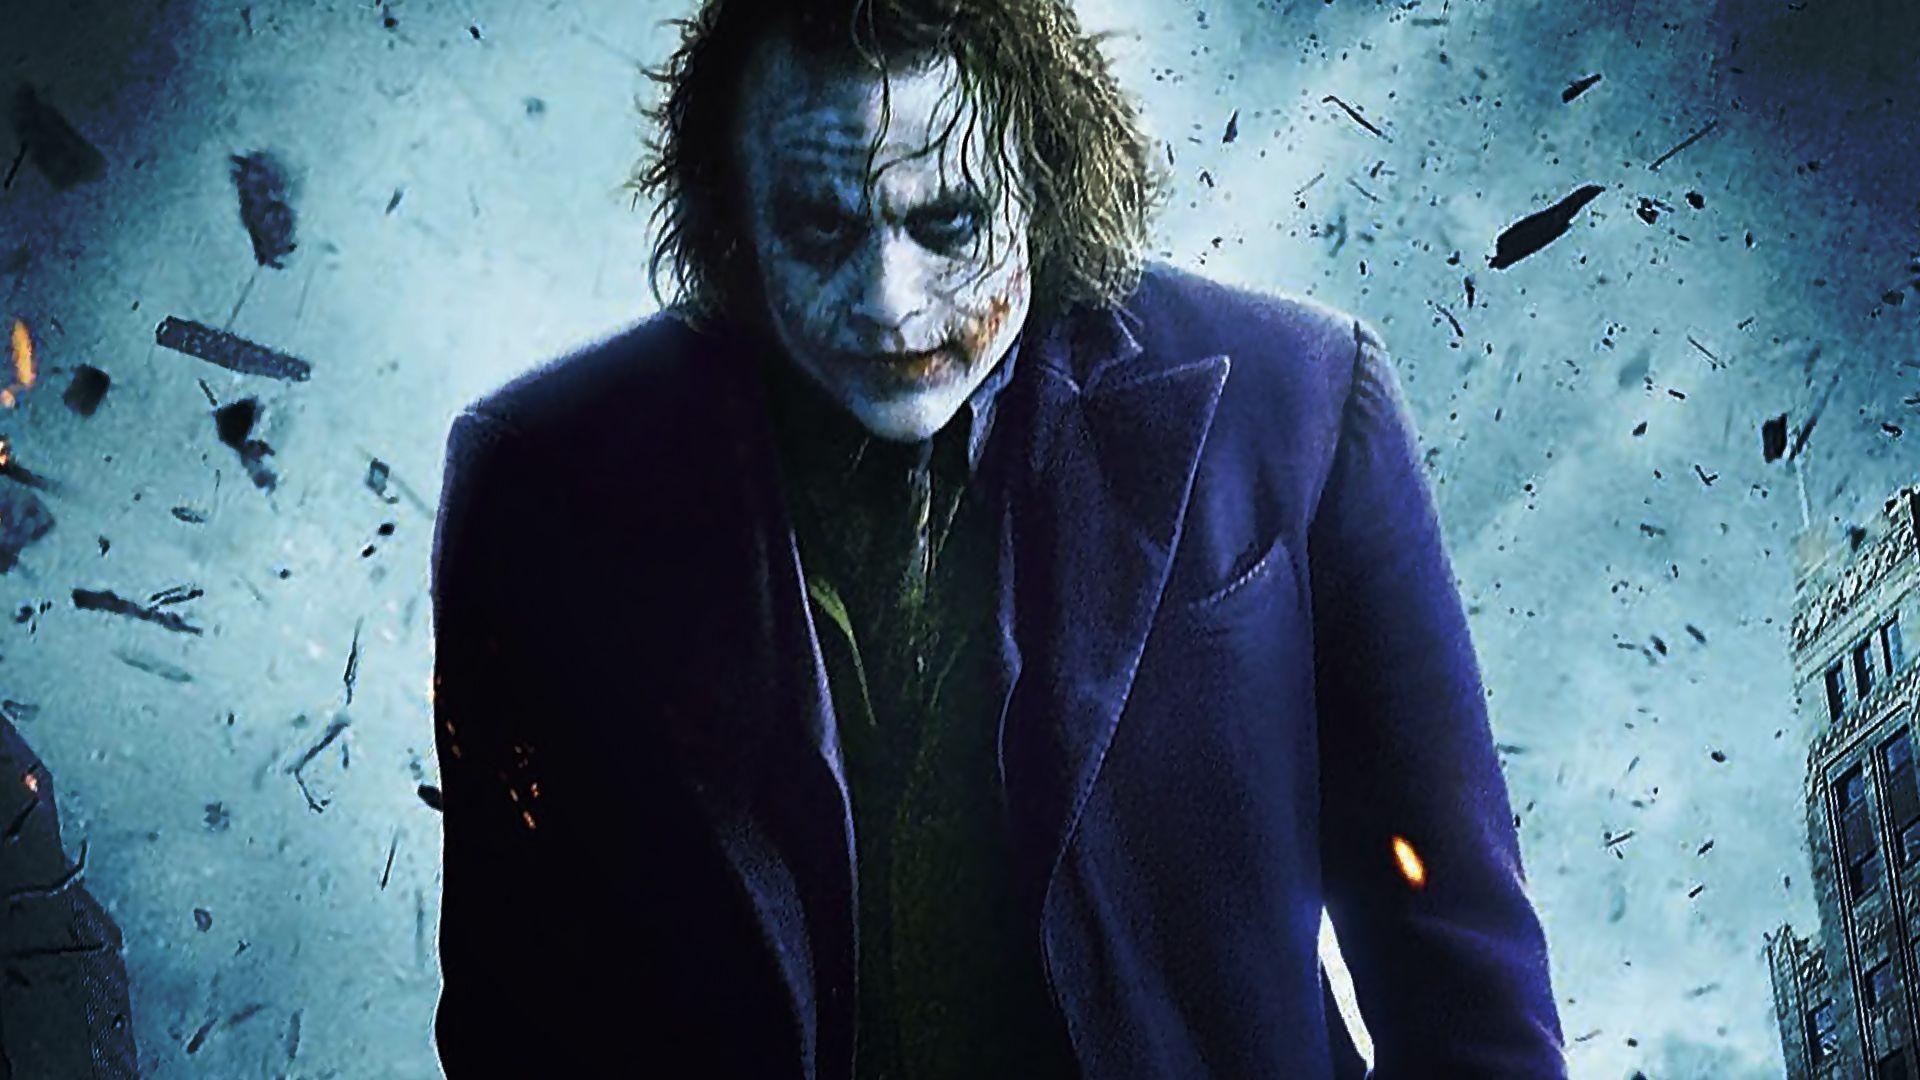 The Batman Joker HD Wallpapers in HD for Desktop